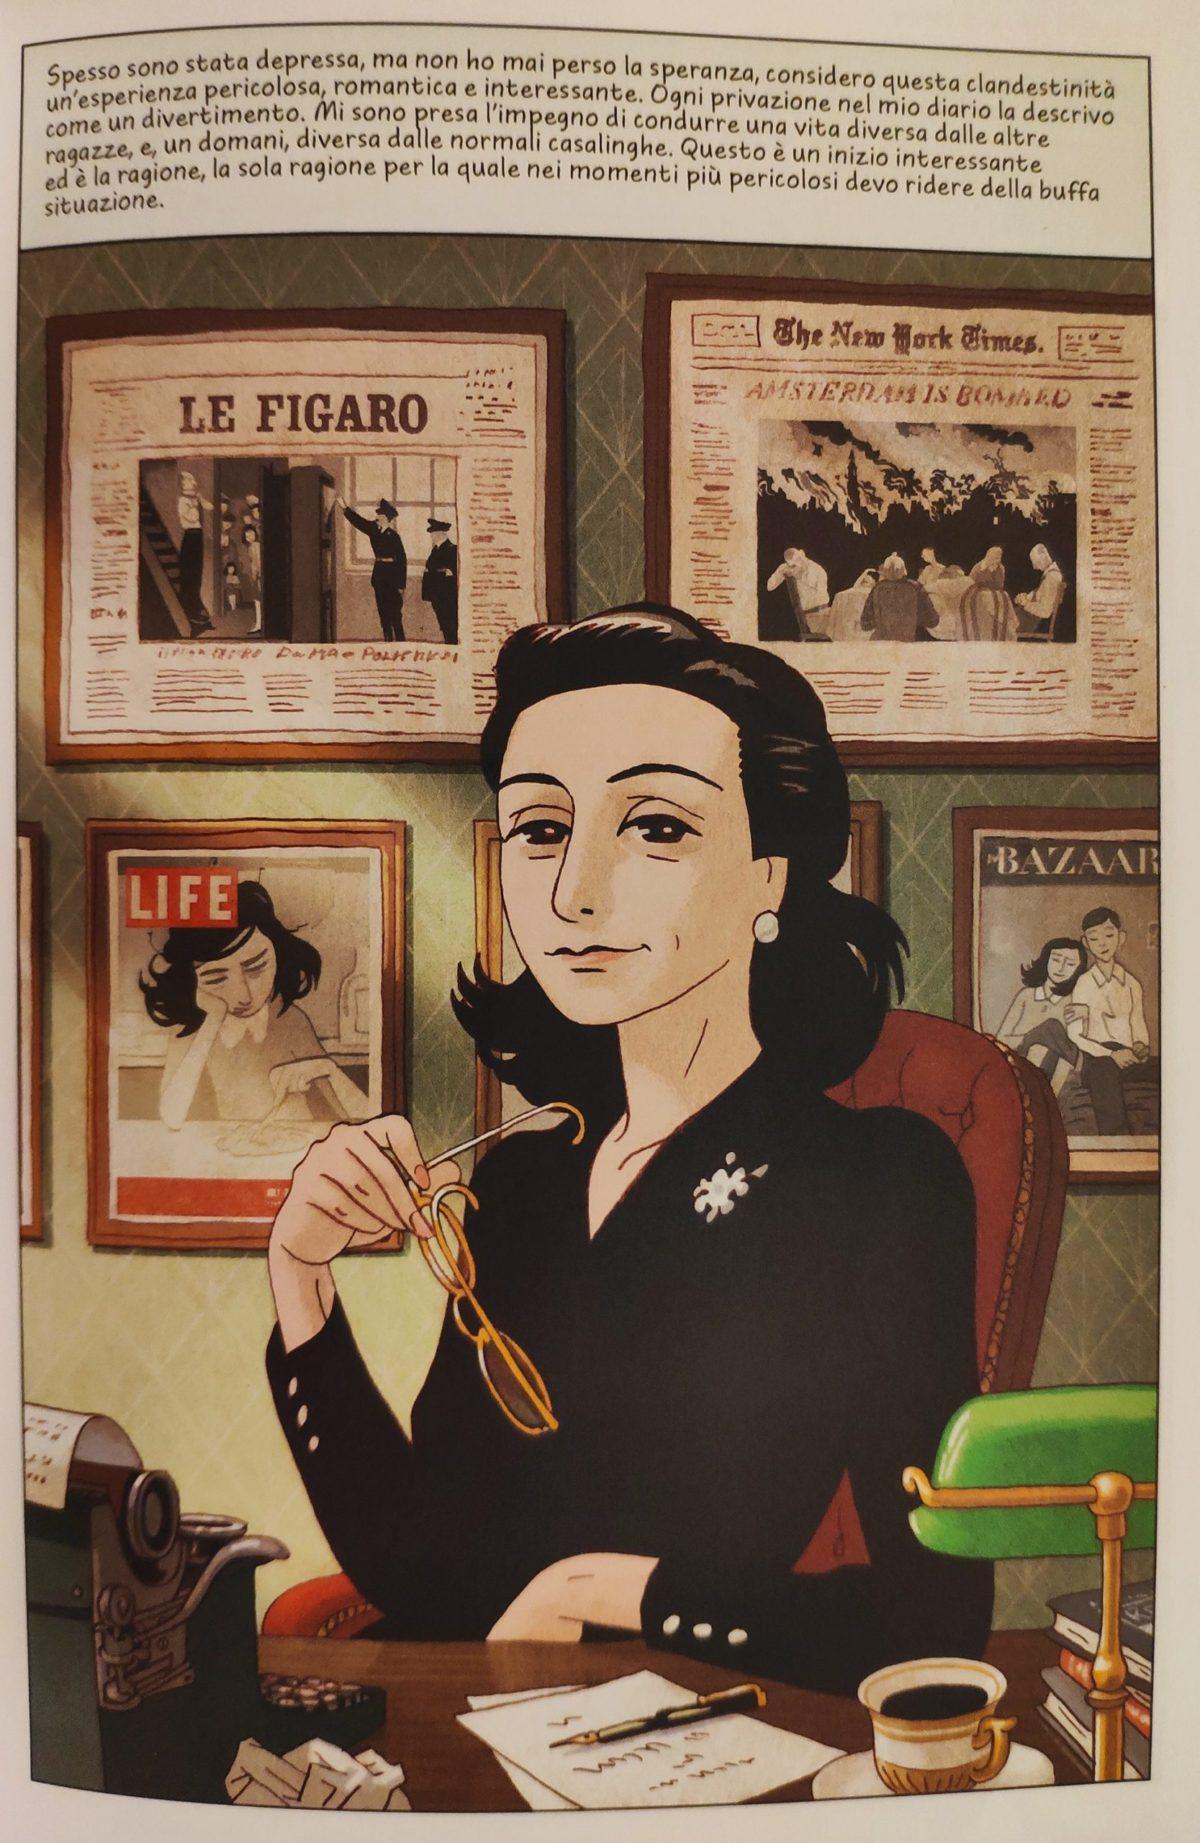 Mio caro fumetto… – Anne Frank sogna di divenire giornalista